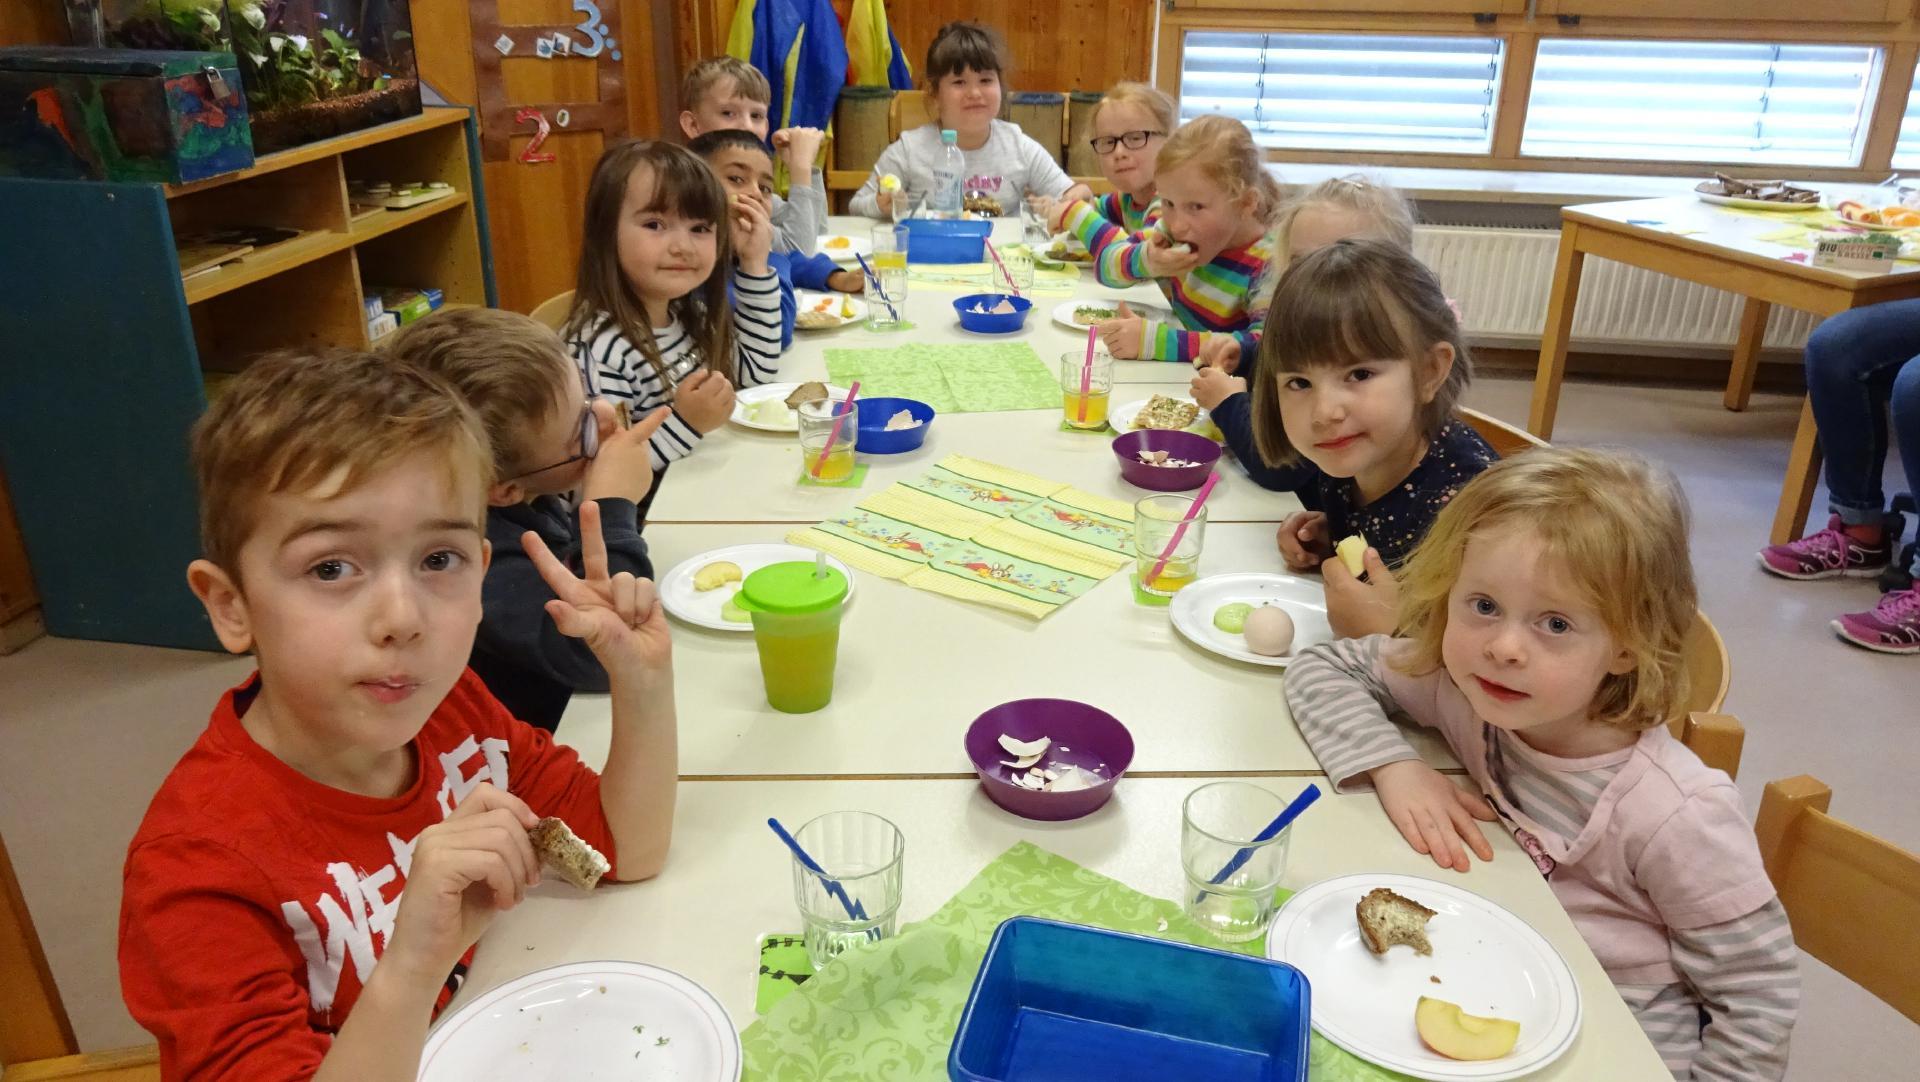 Gesund und Fit- Woche in der inklusiven Kindertagesstätte der Lebenshilfe in Hersbruck